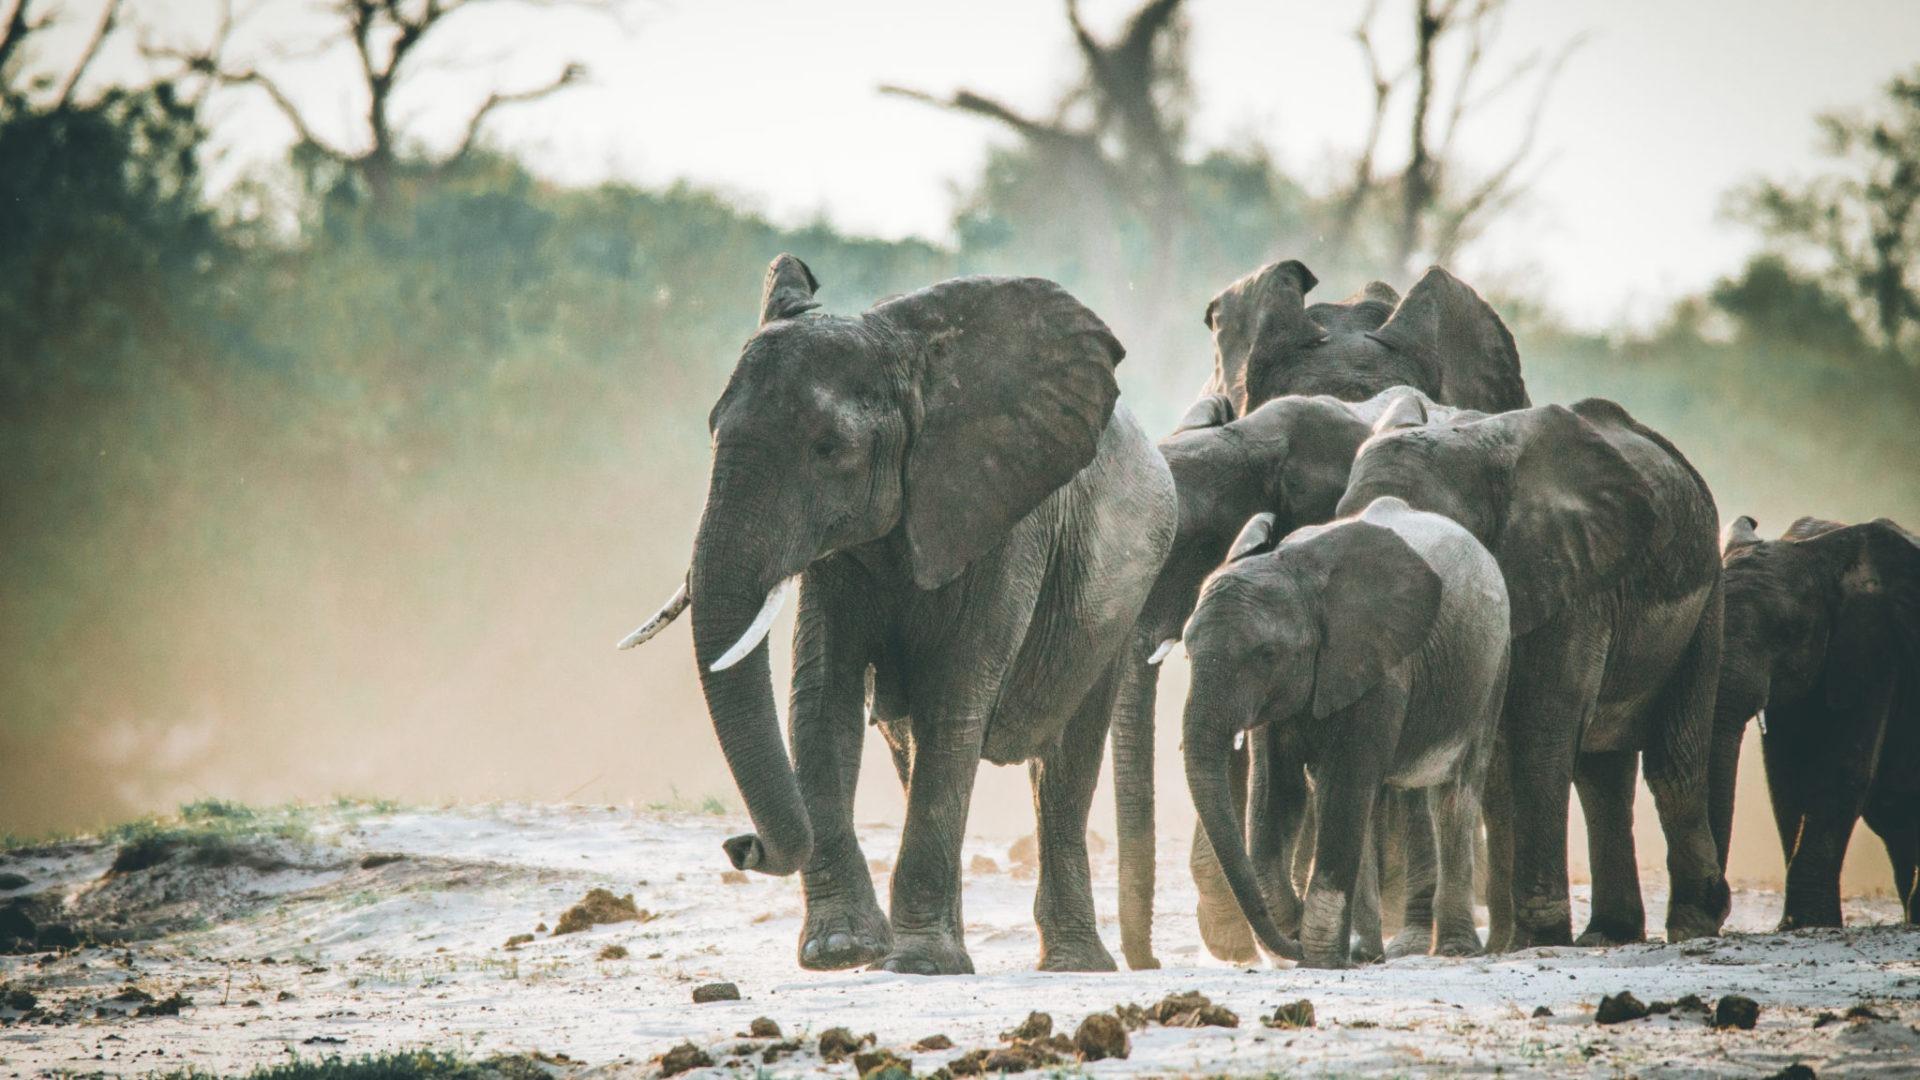 Botswana-Elephant-Family